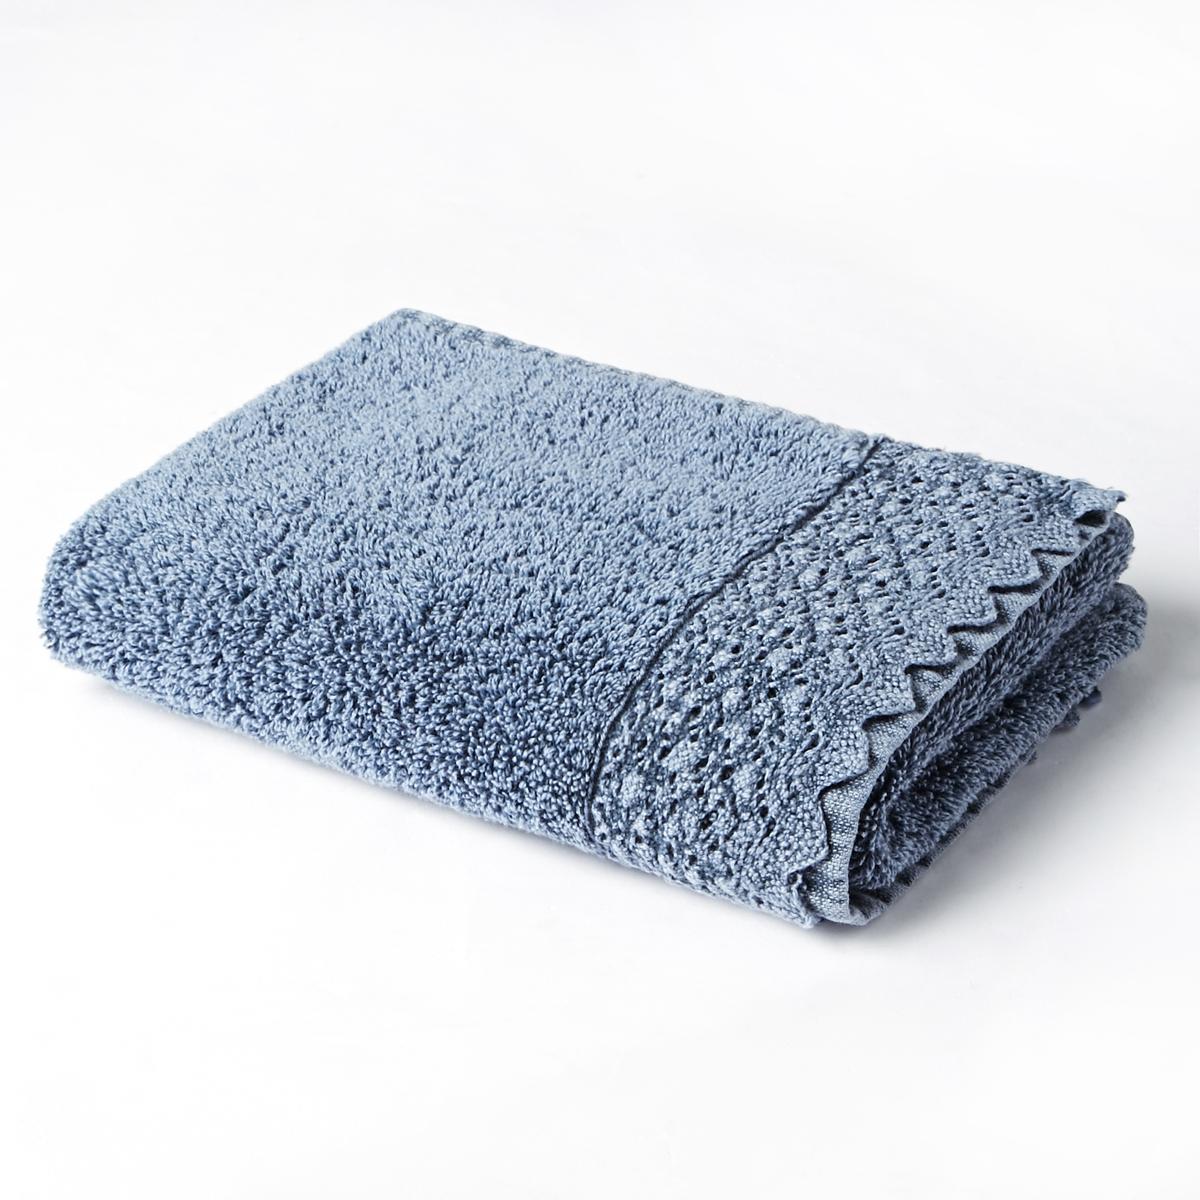 Полотенце гостевое махровое ANJO, 100% хлопокМахровое гостевое полотенце, 100% хлопок. Края с отделкой макраме. Состав и описание. КАЧЕСТВО BEST.Размеры30 x 50 см.УходМашинная стирка при 60°C.<br><br>Цвет: синий потертый